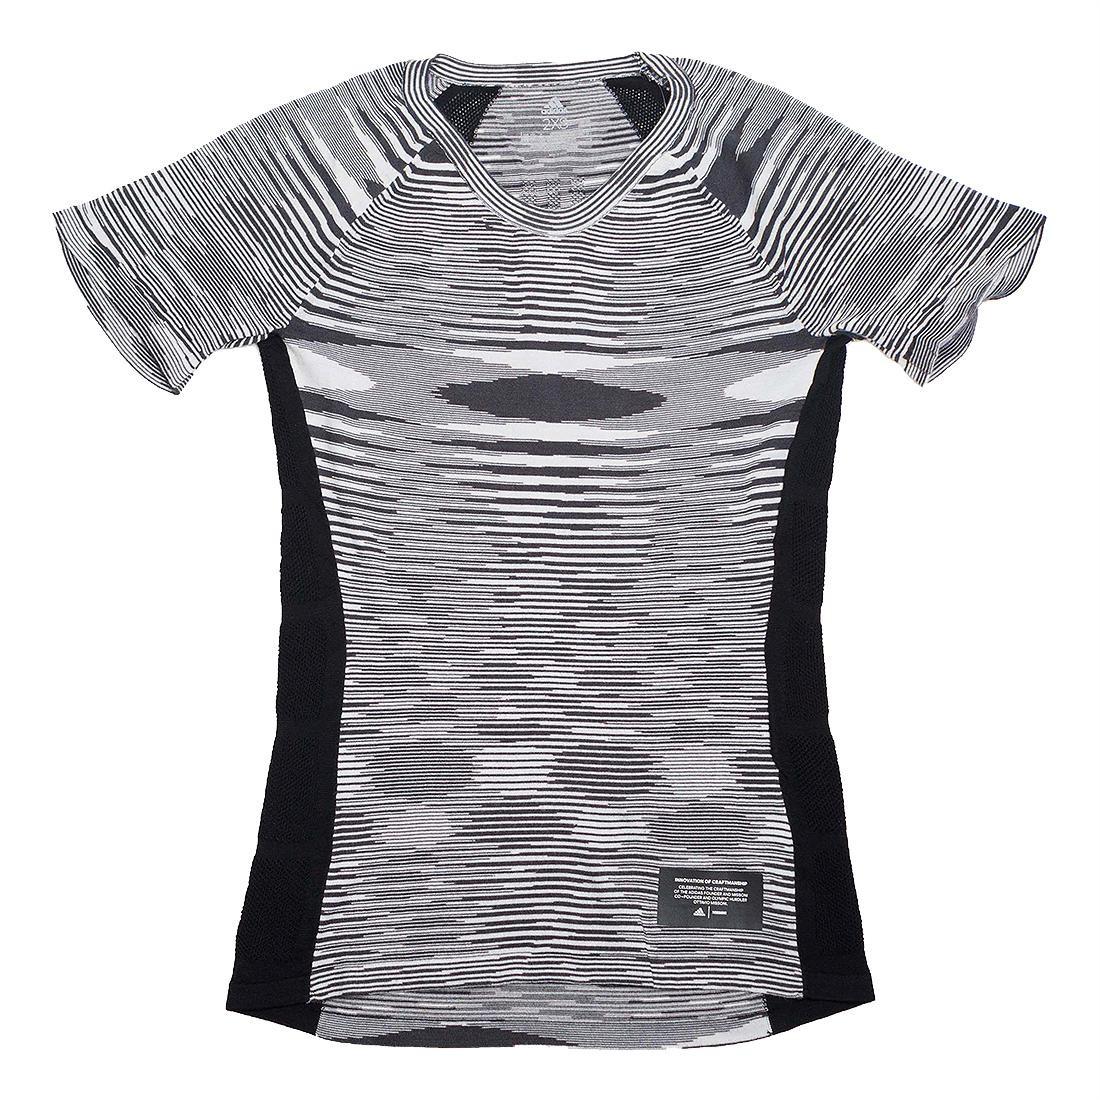 Adidas x Missoni Women City Runners Unite Tee (black / dark grey / white)